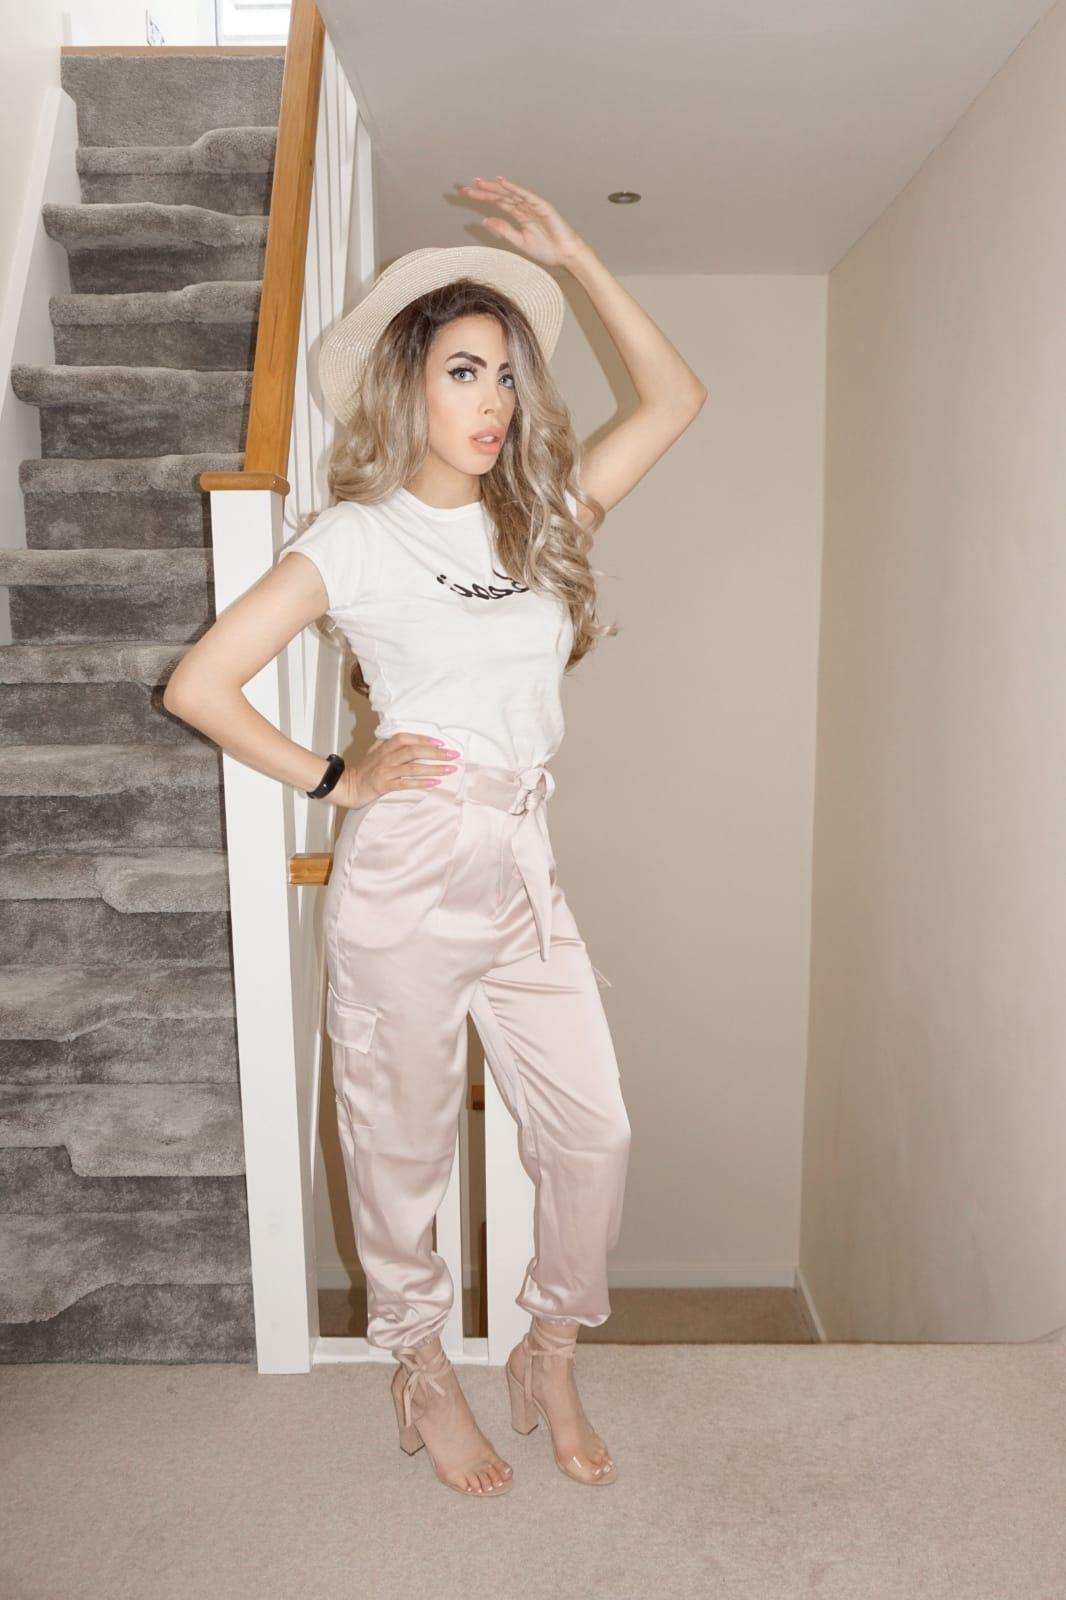 The Femme Luxe White 'Basic' Short Sleeve Slogan T-Shirt in model Ashton.